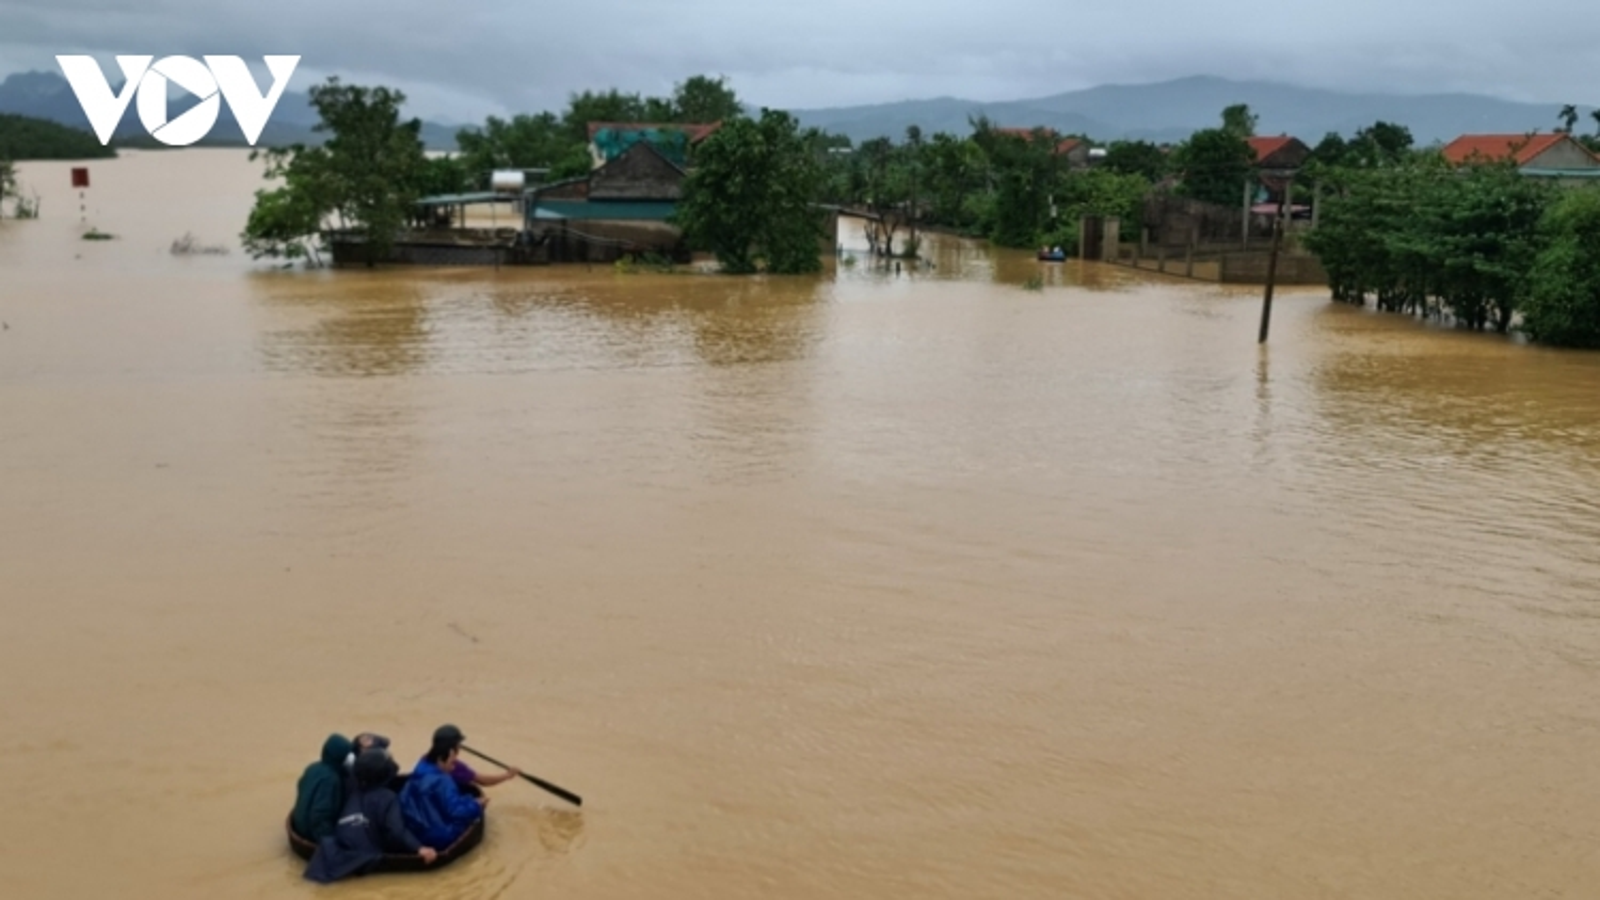 Mưa lũ ở Quảng Bình làm 2 người chết, 2 người mất tích